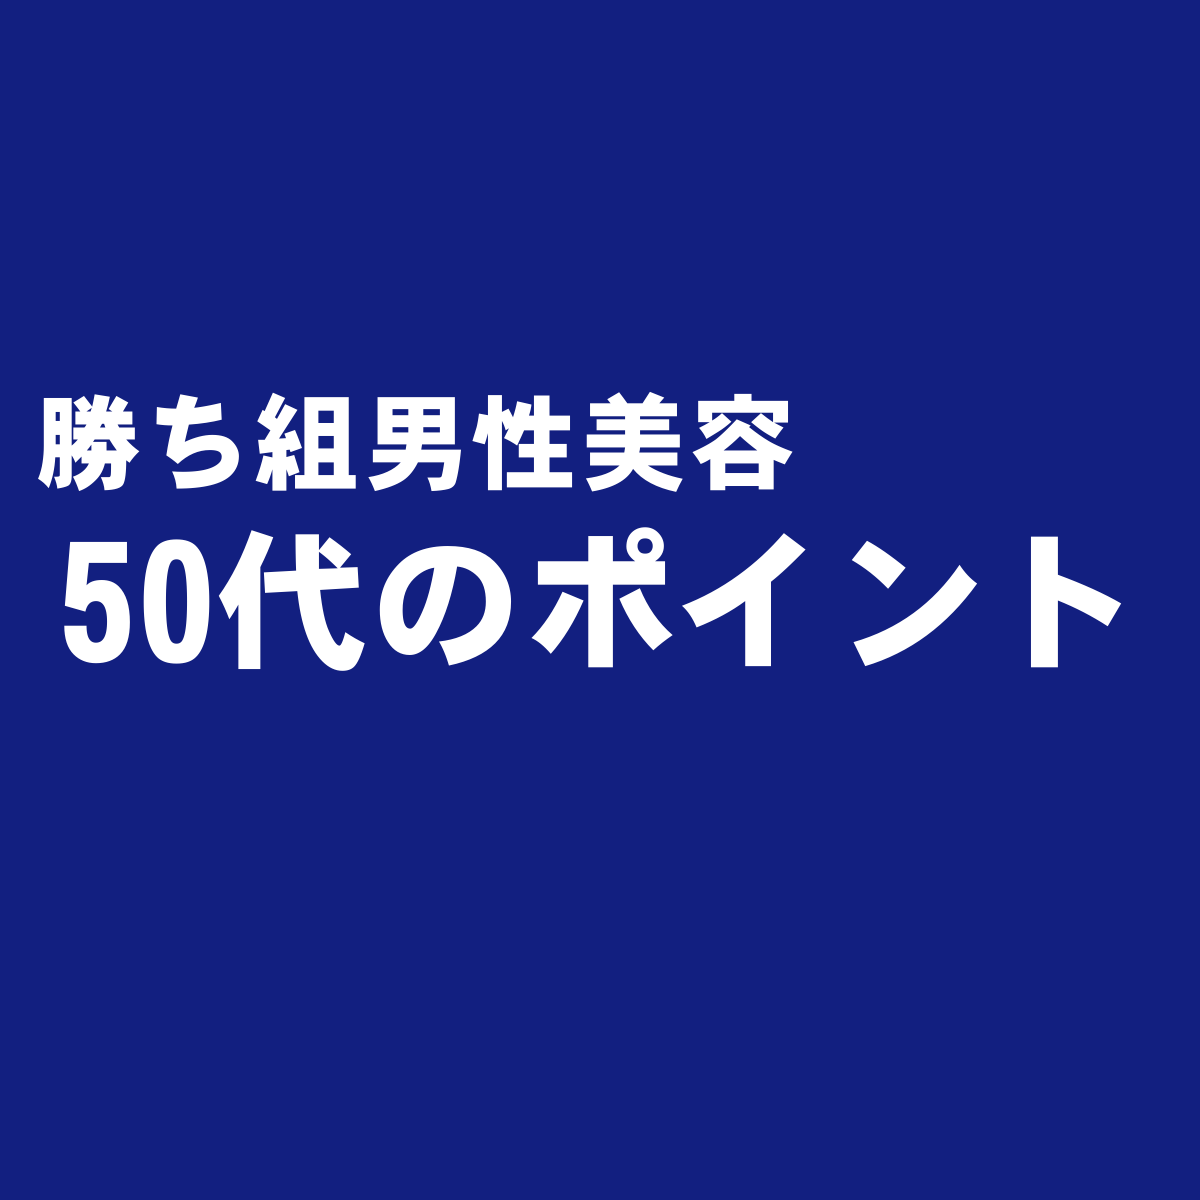 50代のポイント